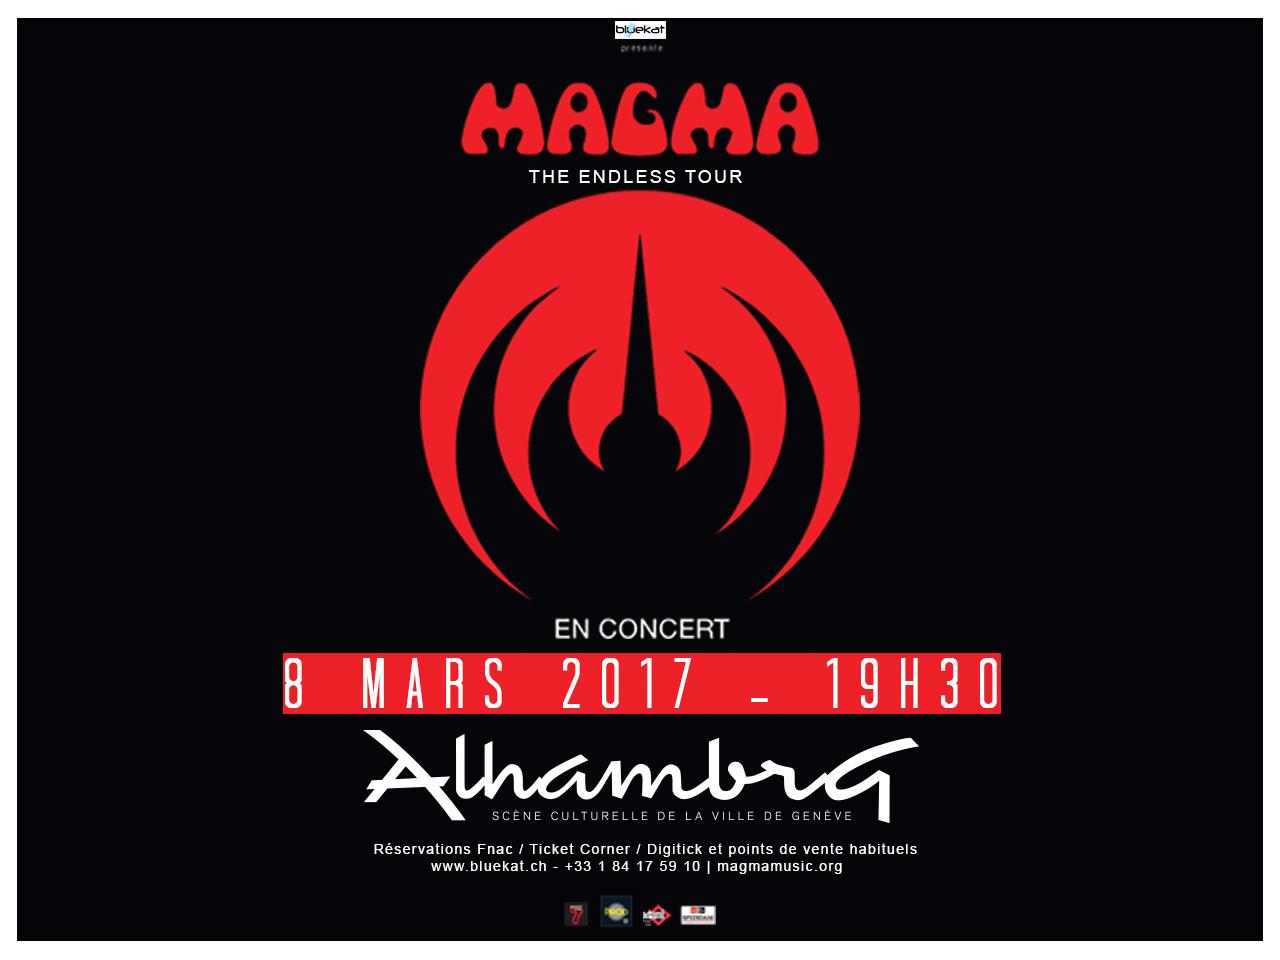 Magma2017-03-08LAlhambraGeneveSwitzerland.jpg